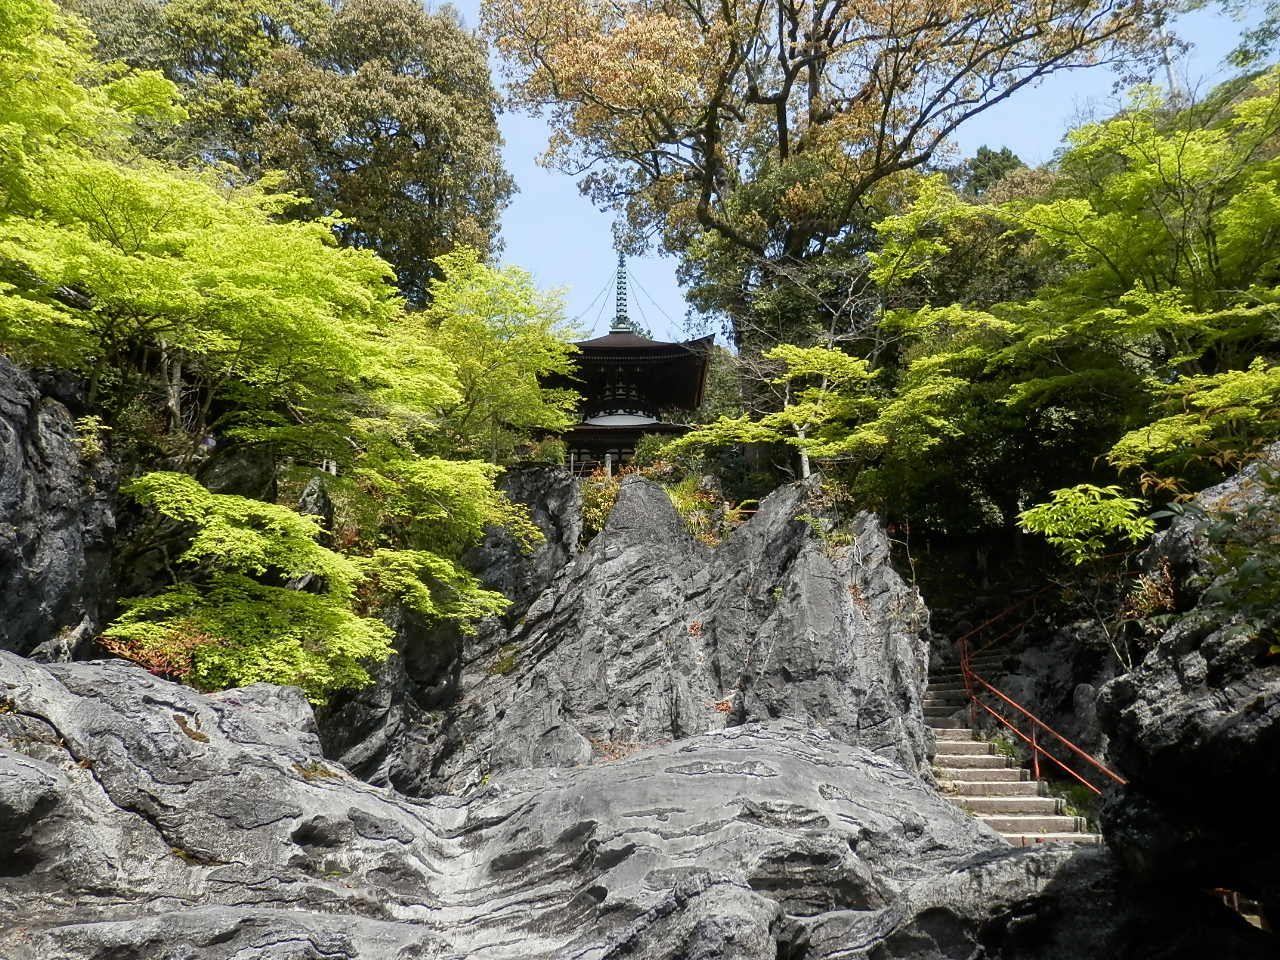 石山寺は名前の如く石山の上に